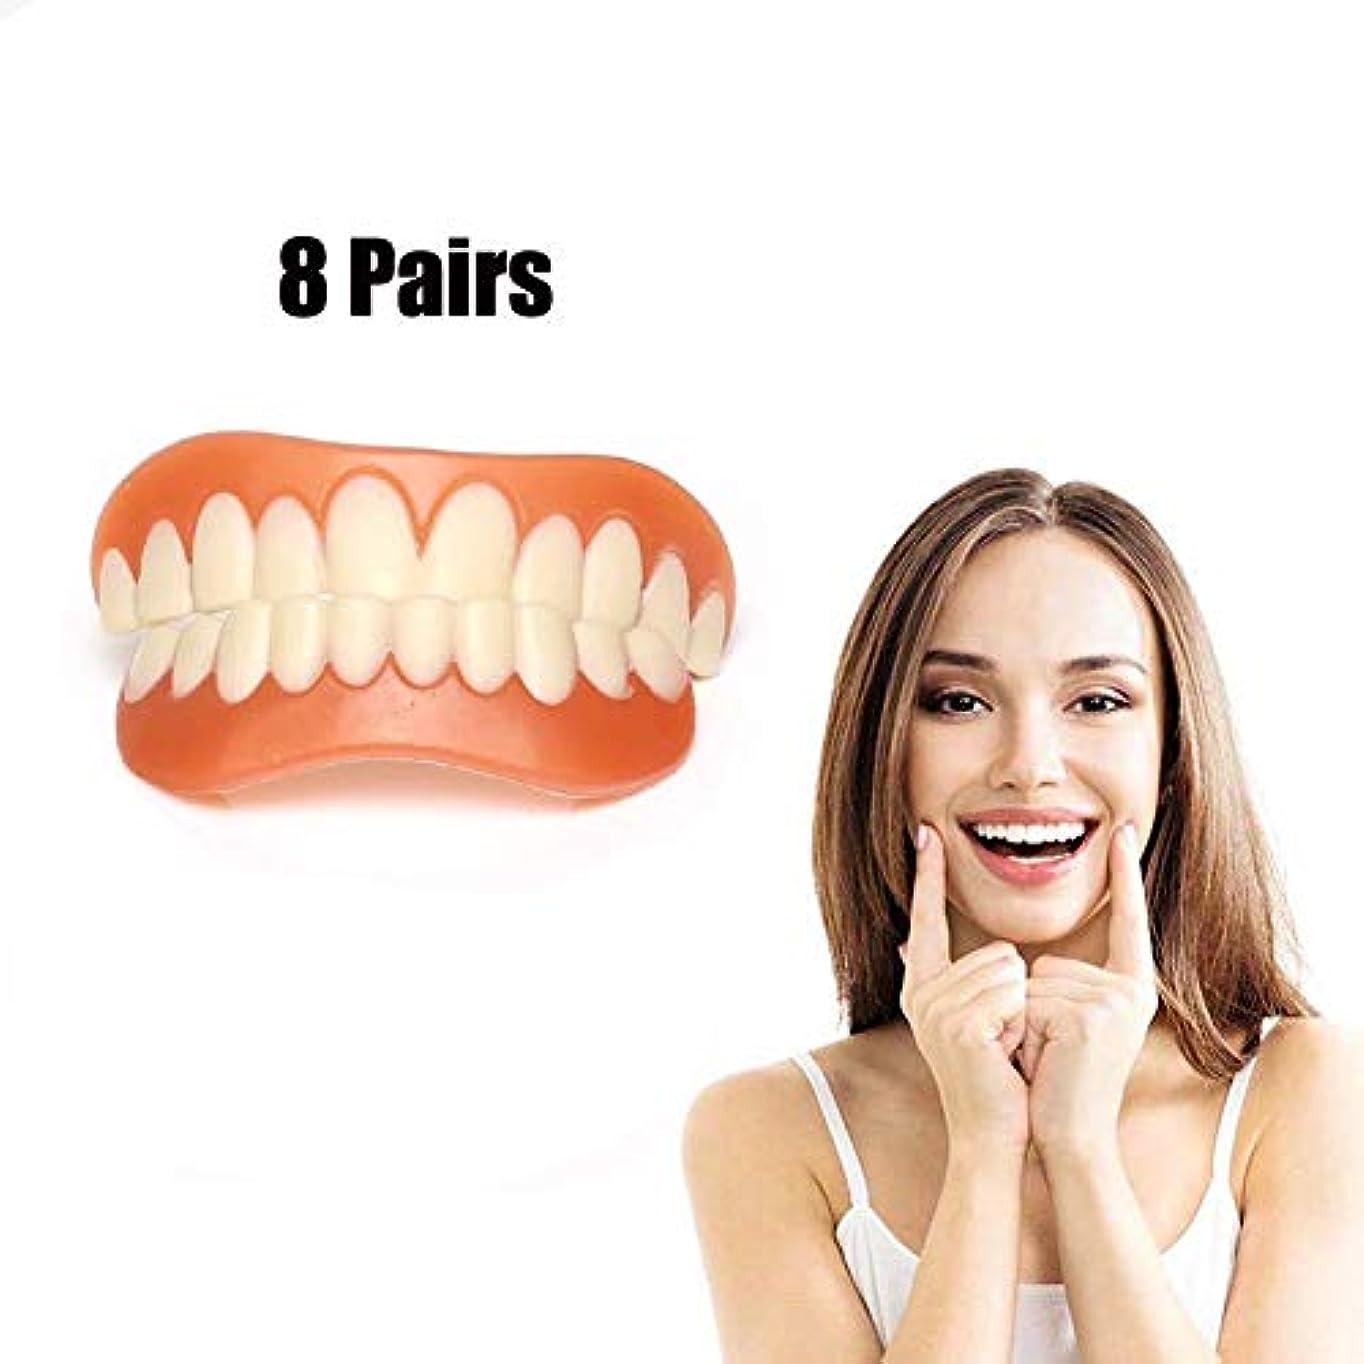 8組安全なベニヤ歯、インスタント笑顔の快適さ修正義歯を白くする偽の歯 - ワンサイズフィット(下+上)